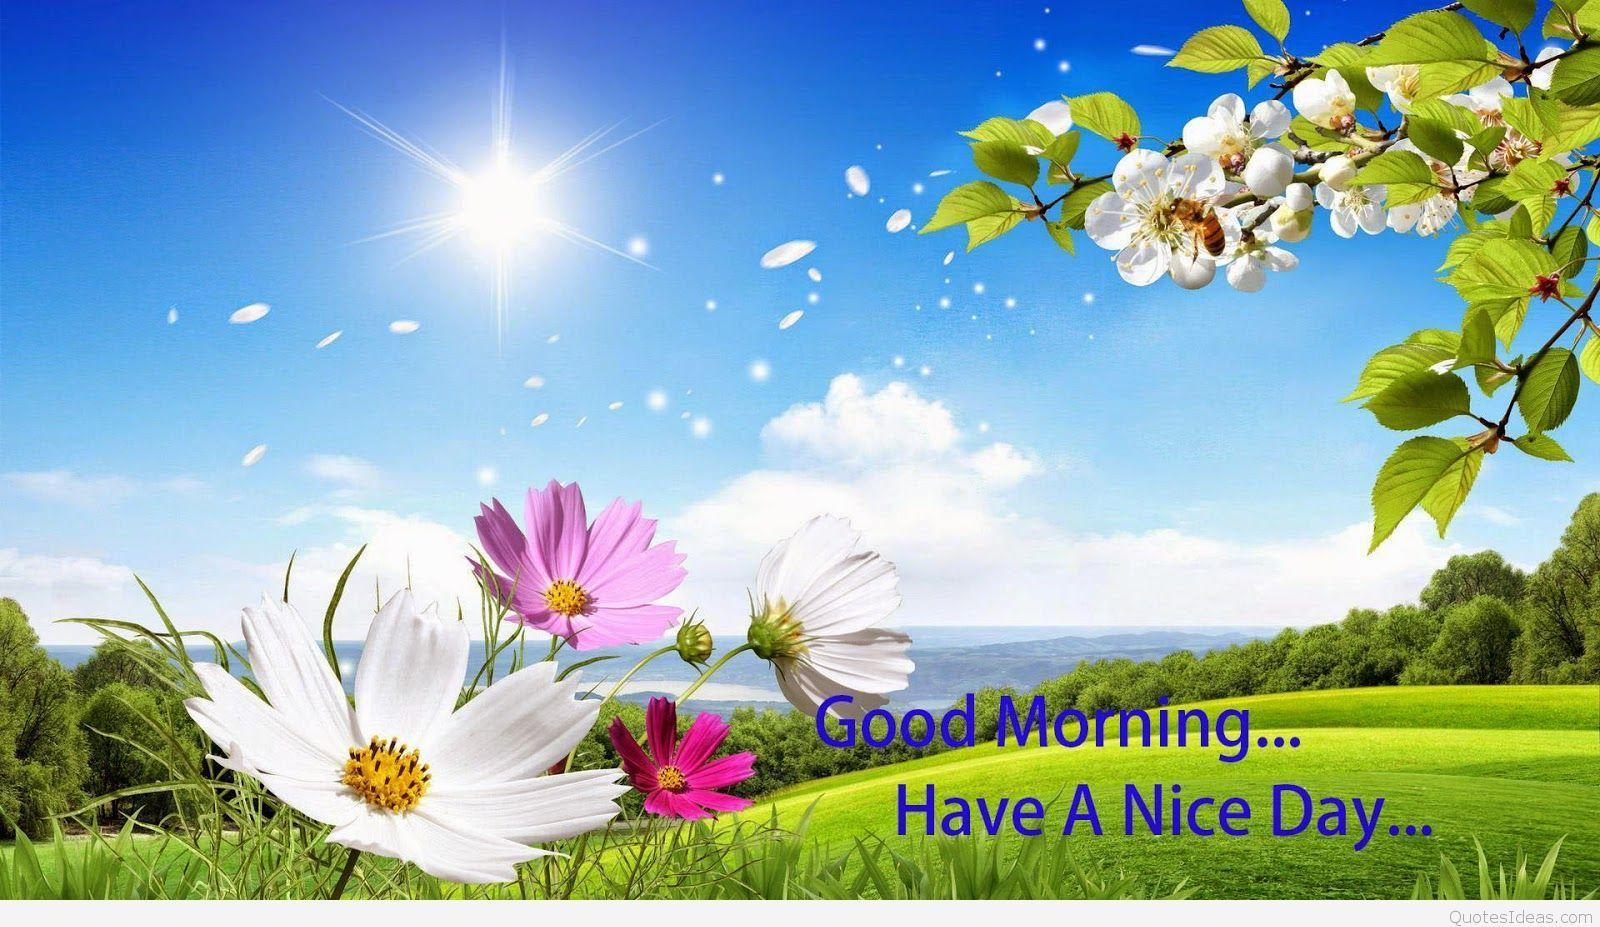 1600x927 Hình nền đẹp Good Morning quote